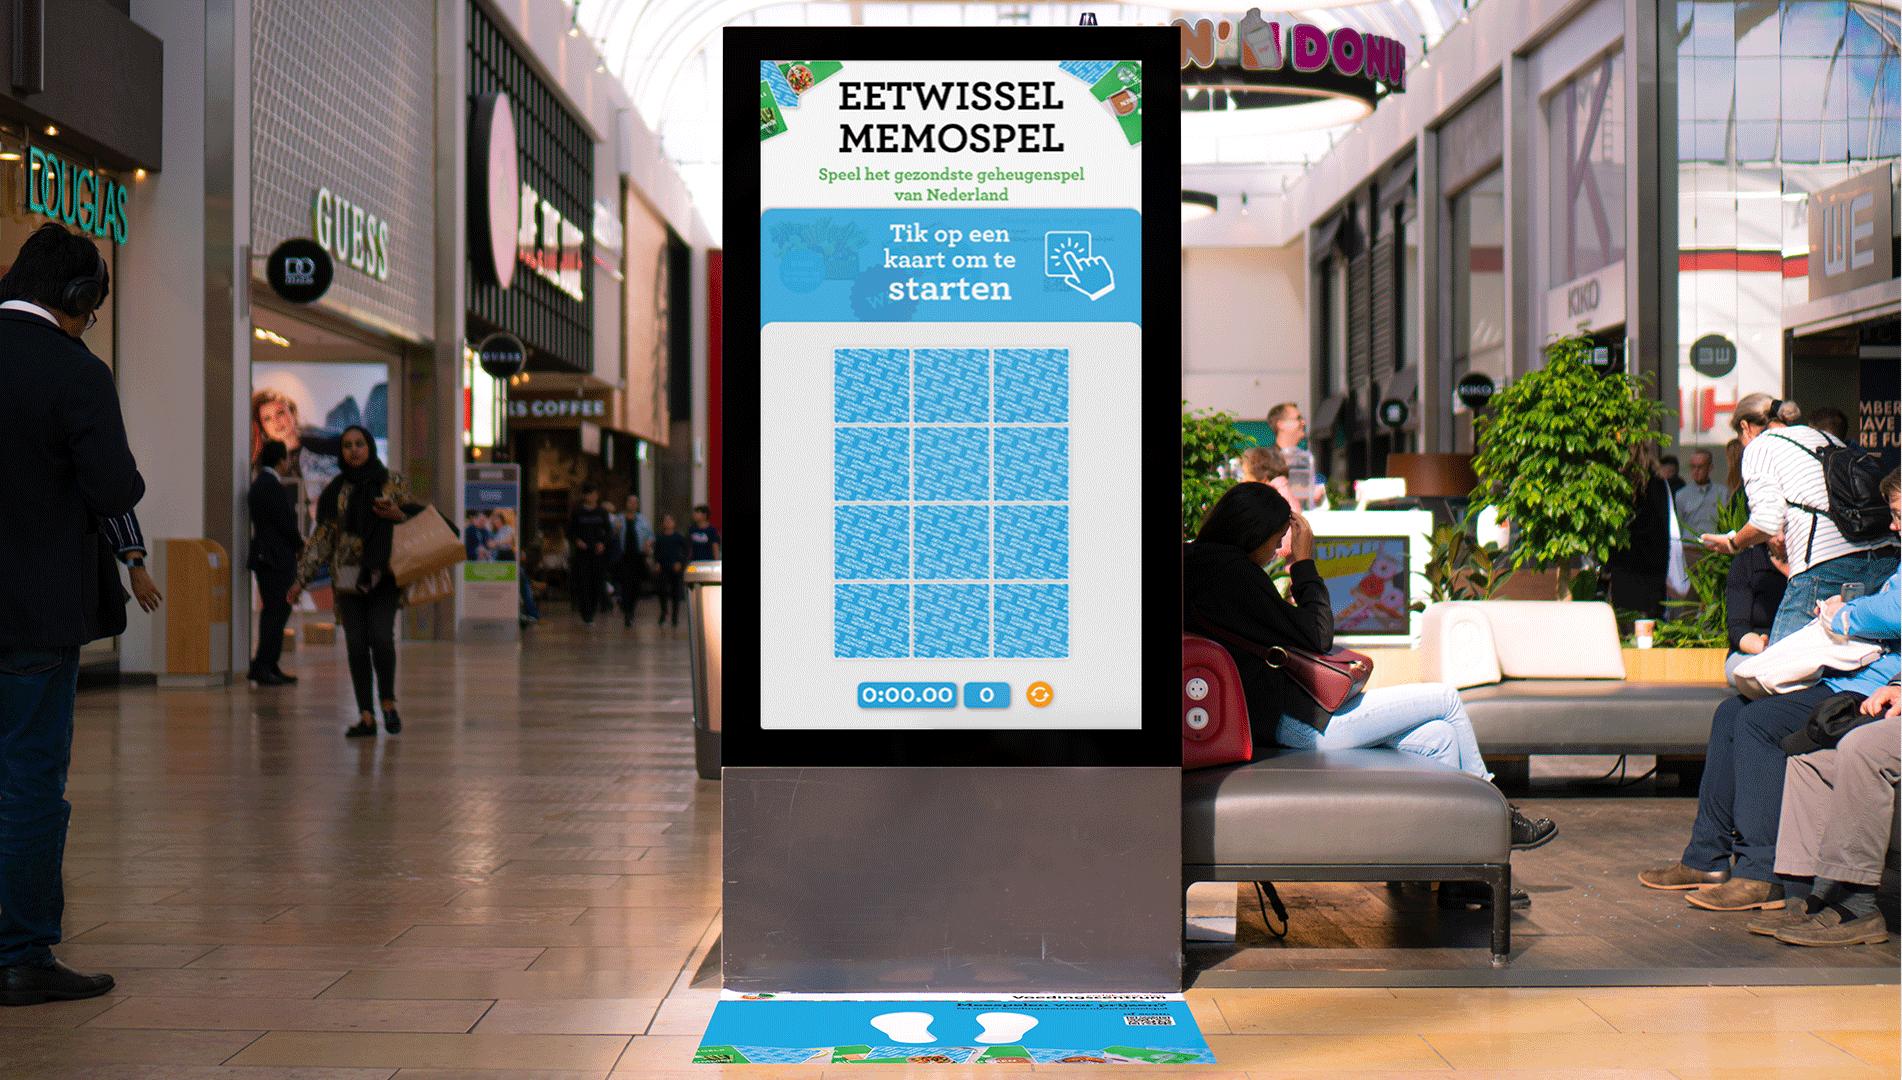 300919-Case-Eetwissel-memospel